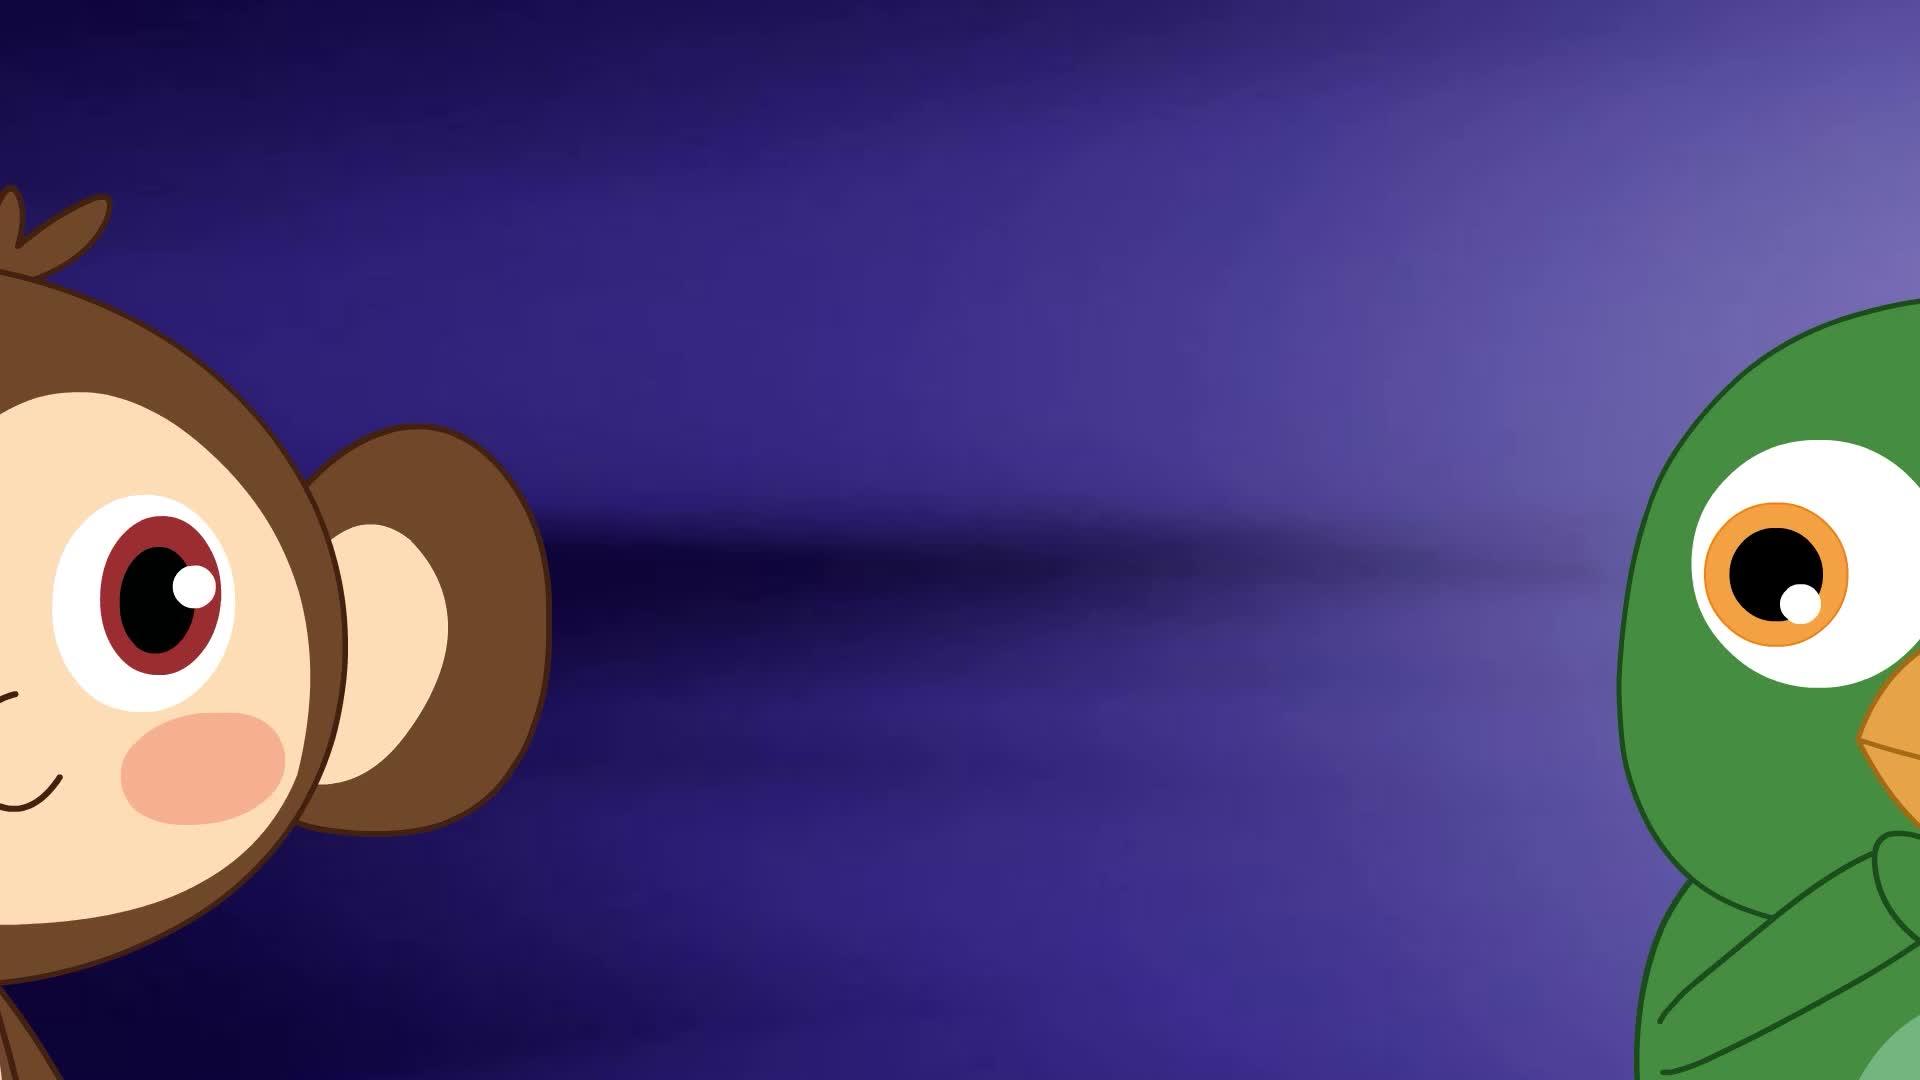 《瑞克与扣扣》第二季 第13集 机器人朋友